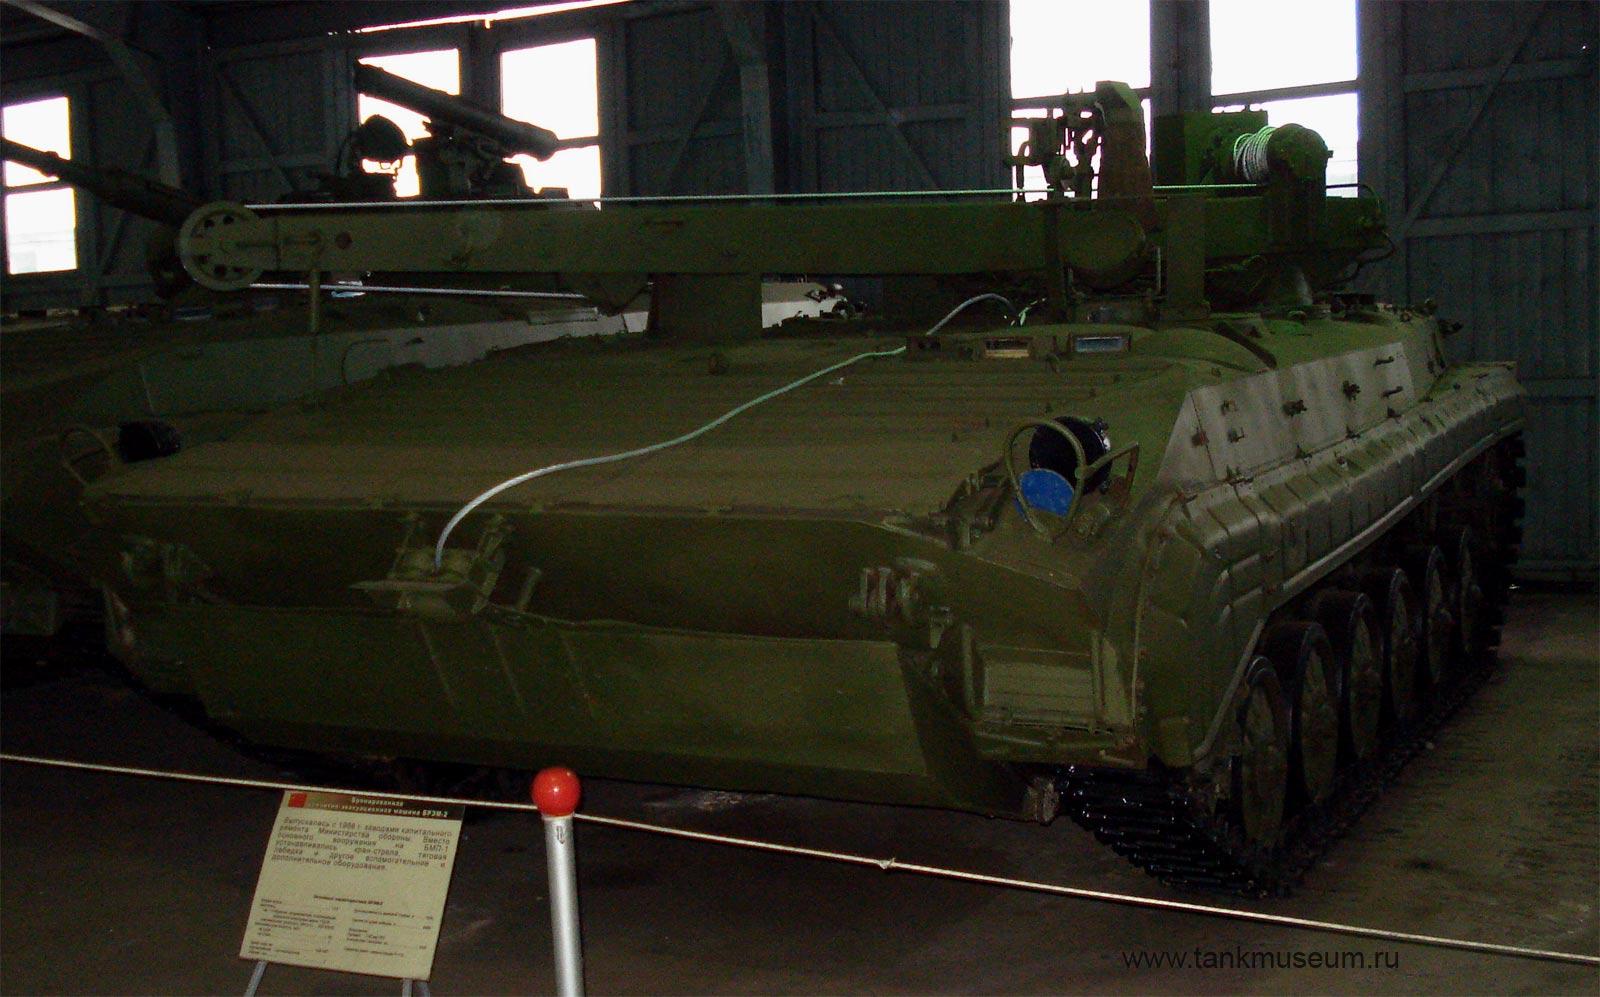 Бронированная ремонтно-эвакуационная машина БРЭМ-2, танковый музей в Кубинке